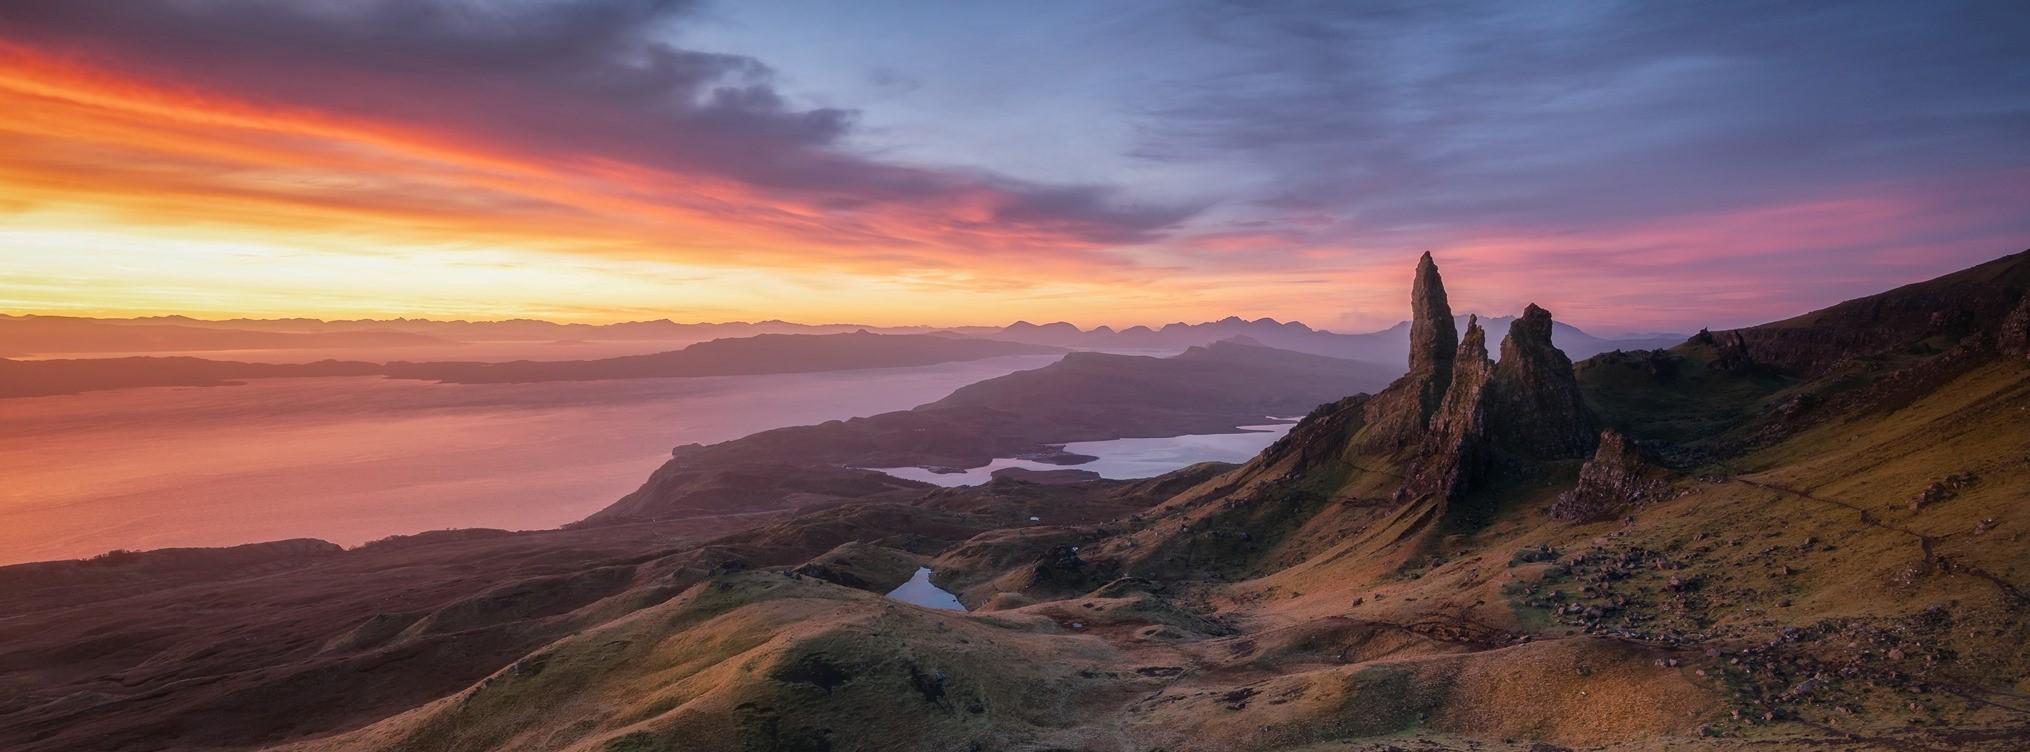 Du lịch khám phá Anh- Scotland- Xứ Wales và Bắc Ailen